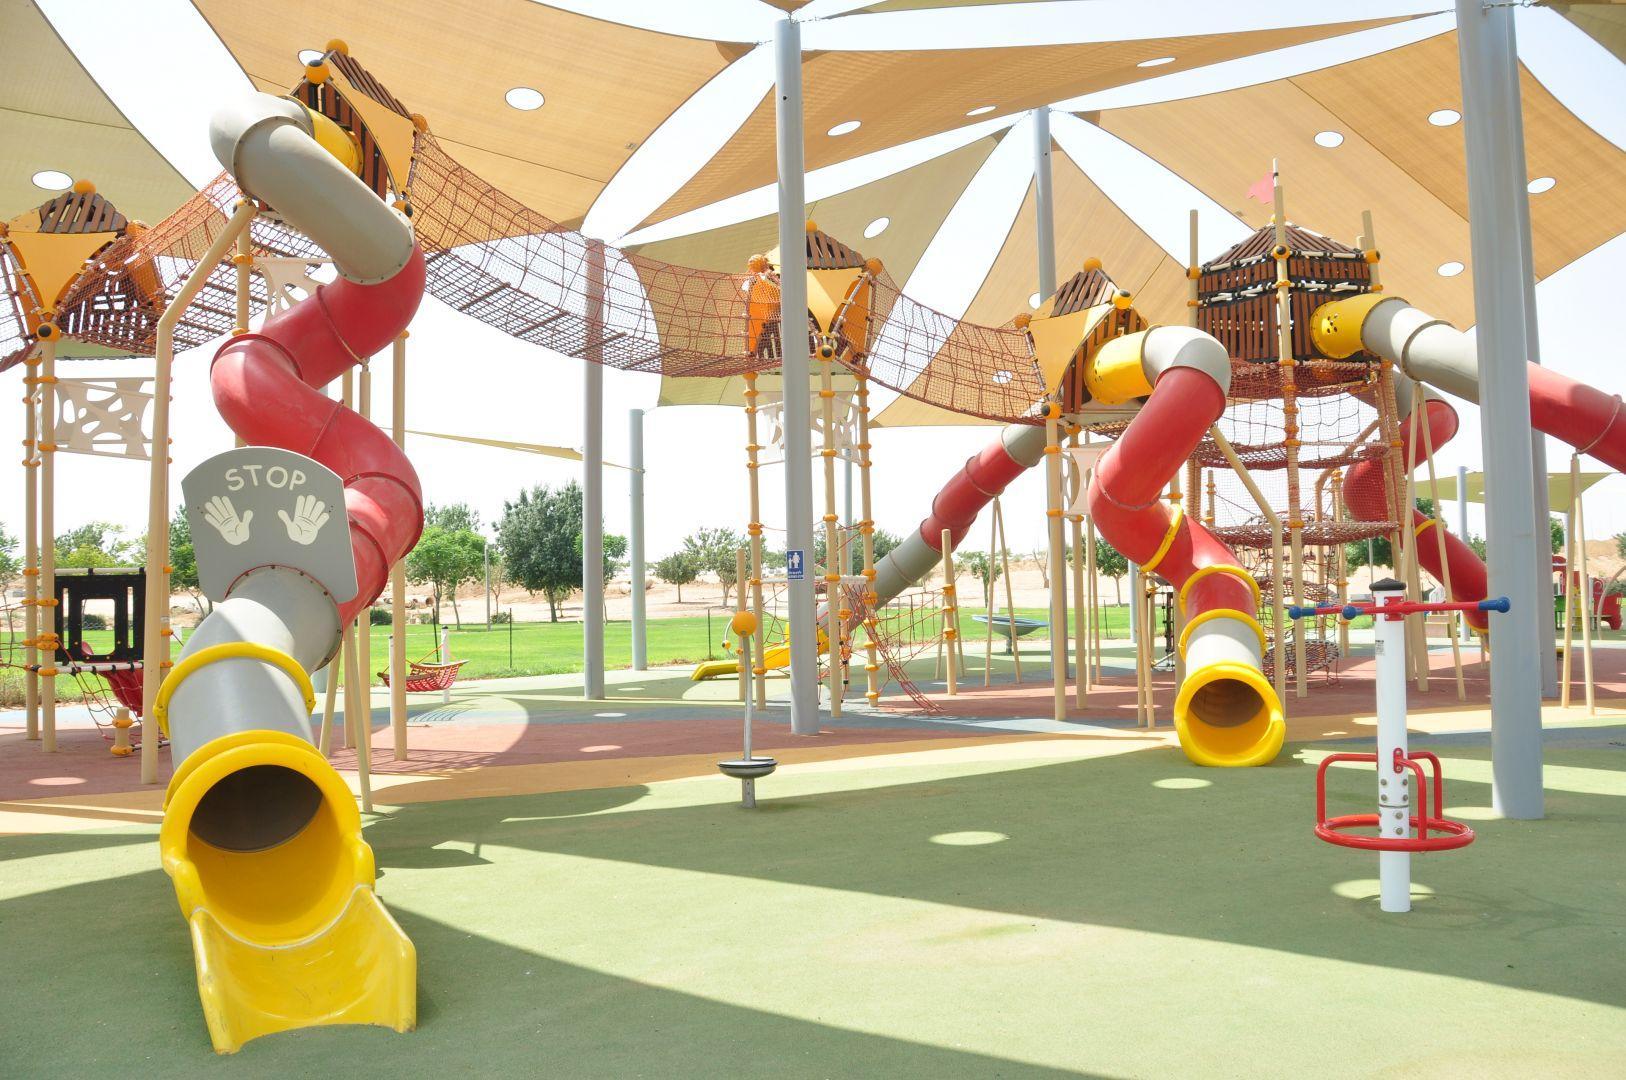 מתקני משחקים | פרויקט פארק נחל באר שבע | מתקן טיפוס ומגלשות אתגרי | מתקני שעשועים